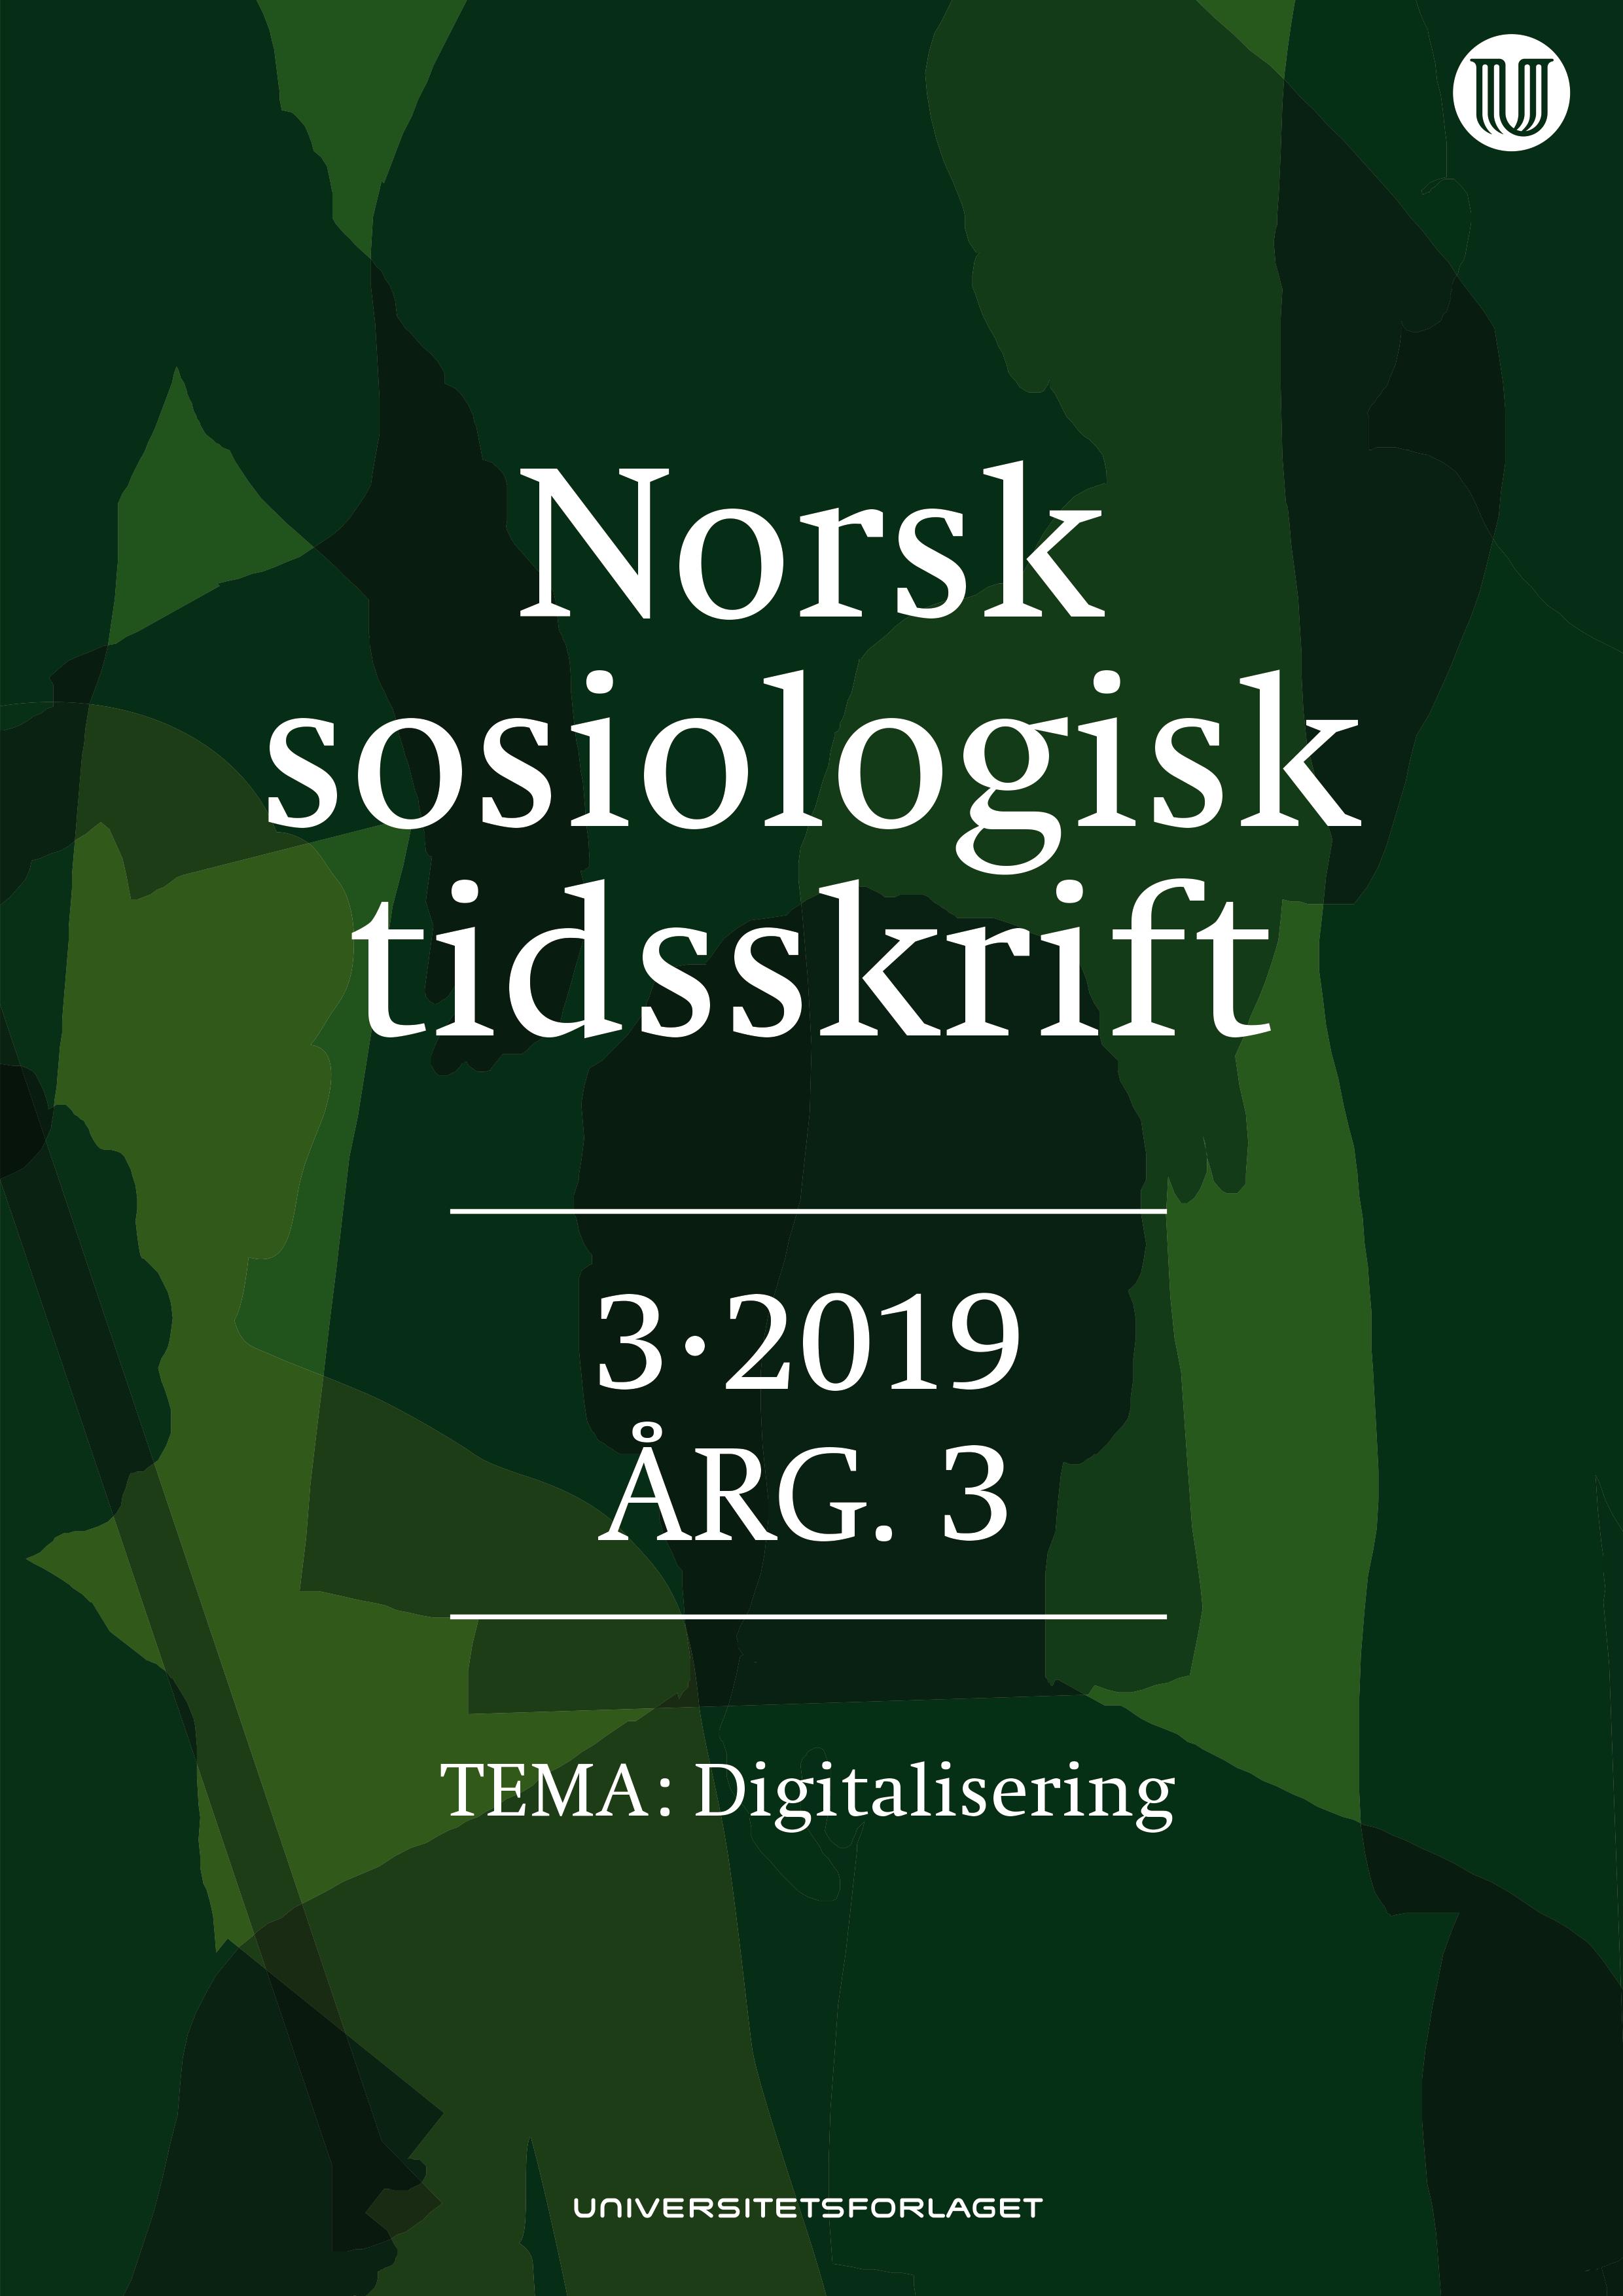 norsk_sosiologisk_tidsskrift_2019_03_highres